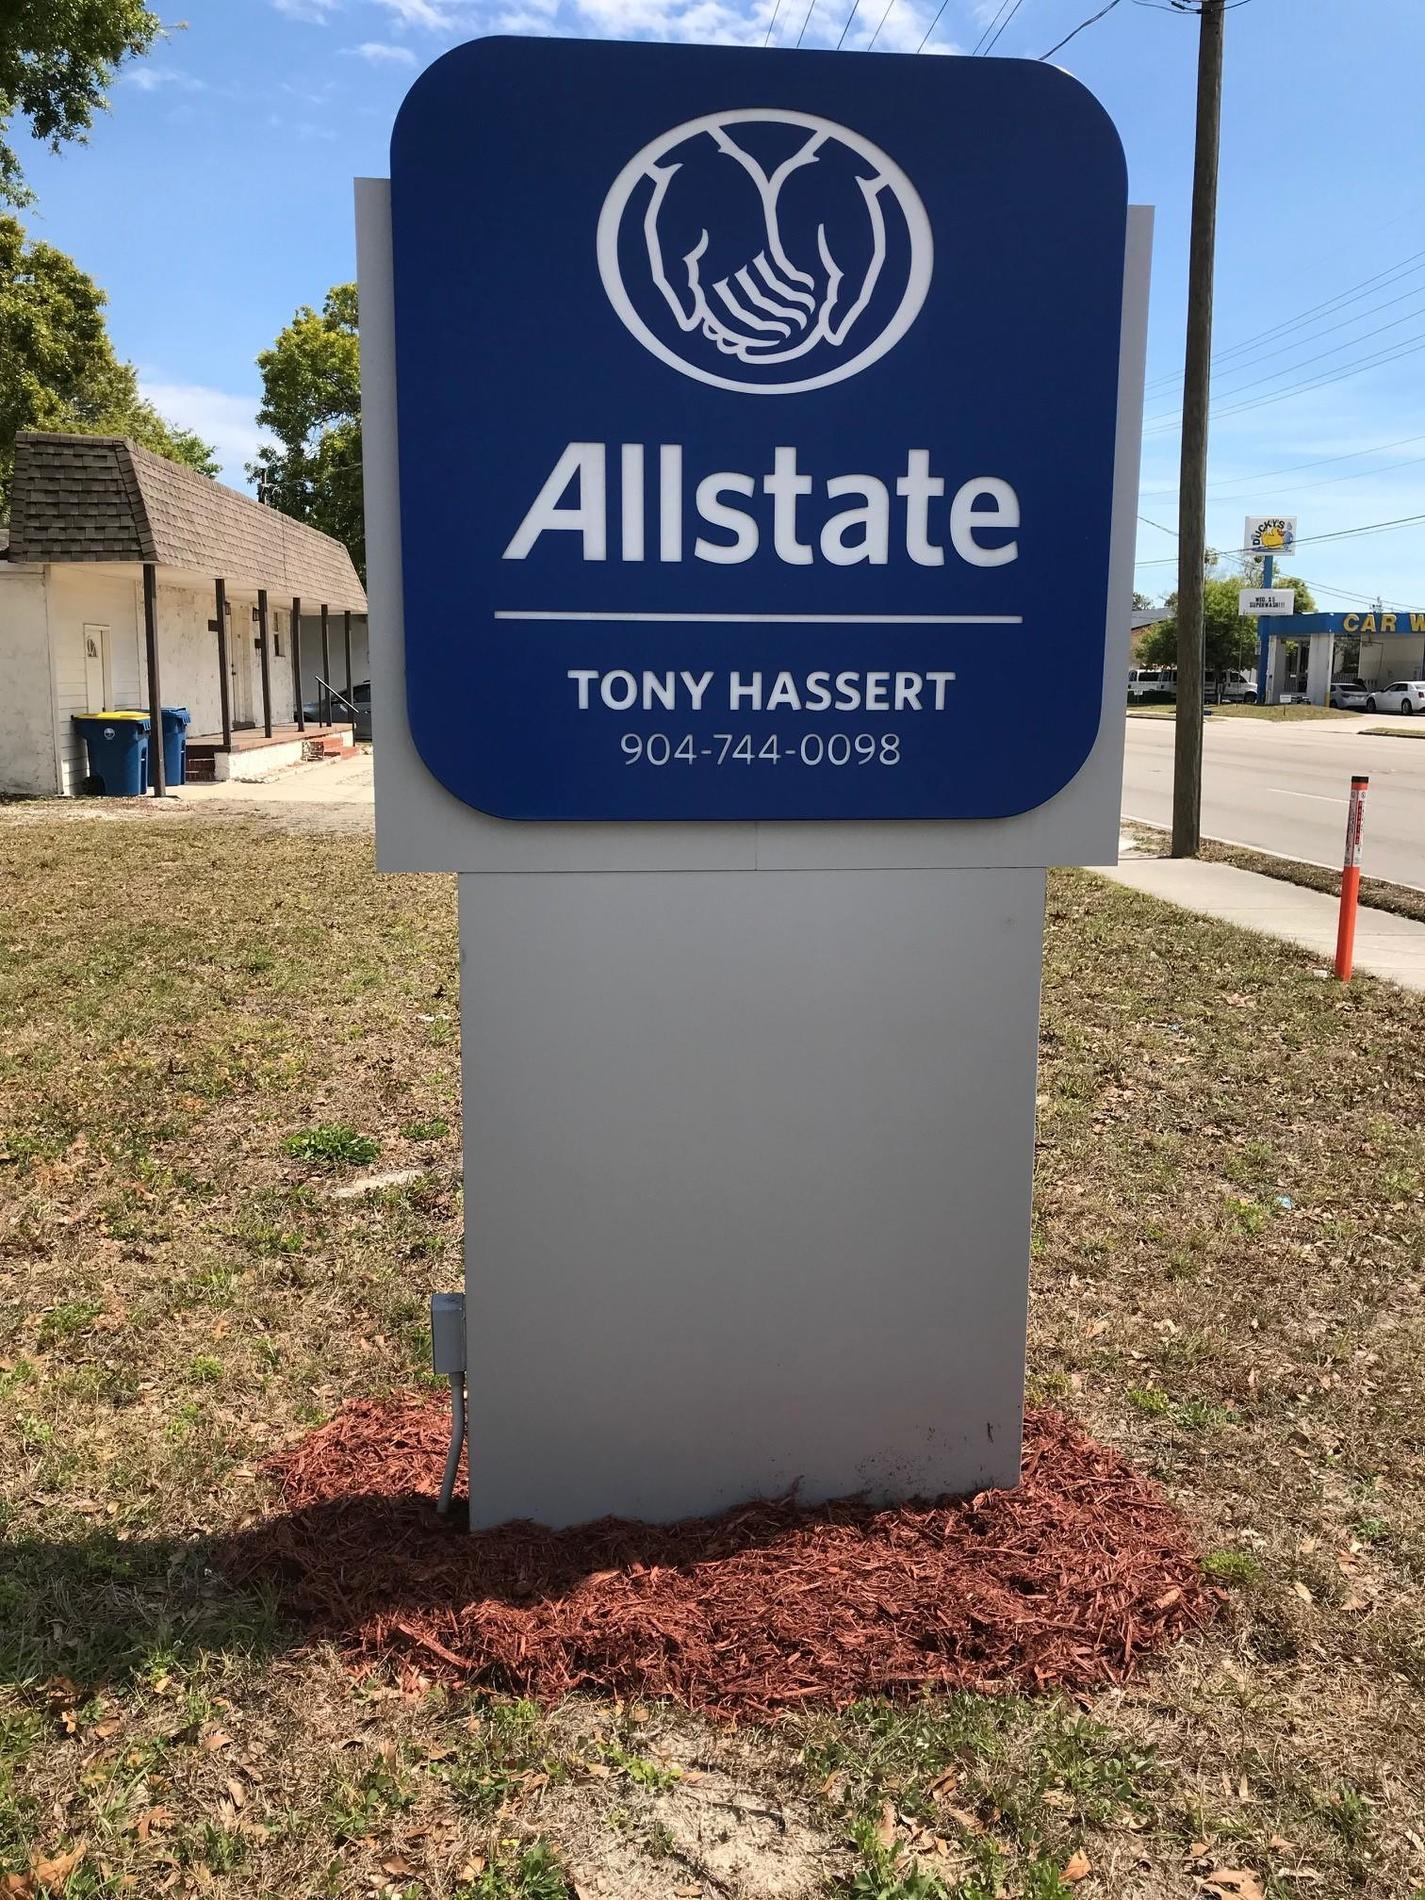 Allstate | Car Insurance in Jacksonville, FL - Tony Hassert